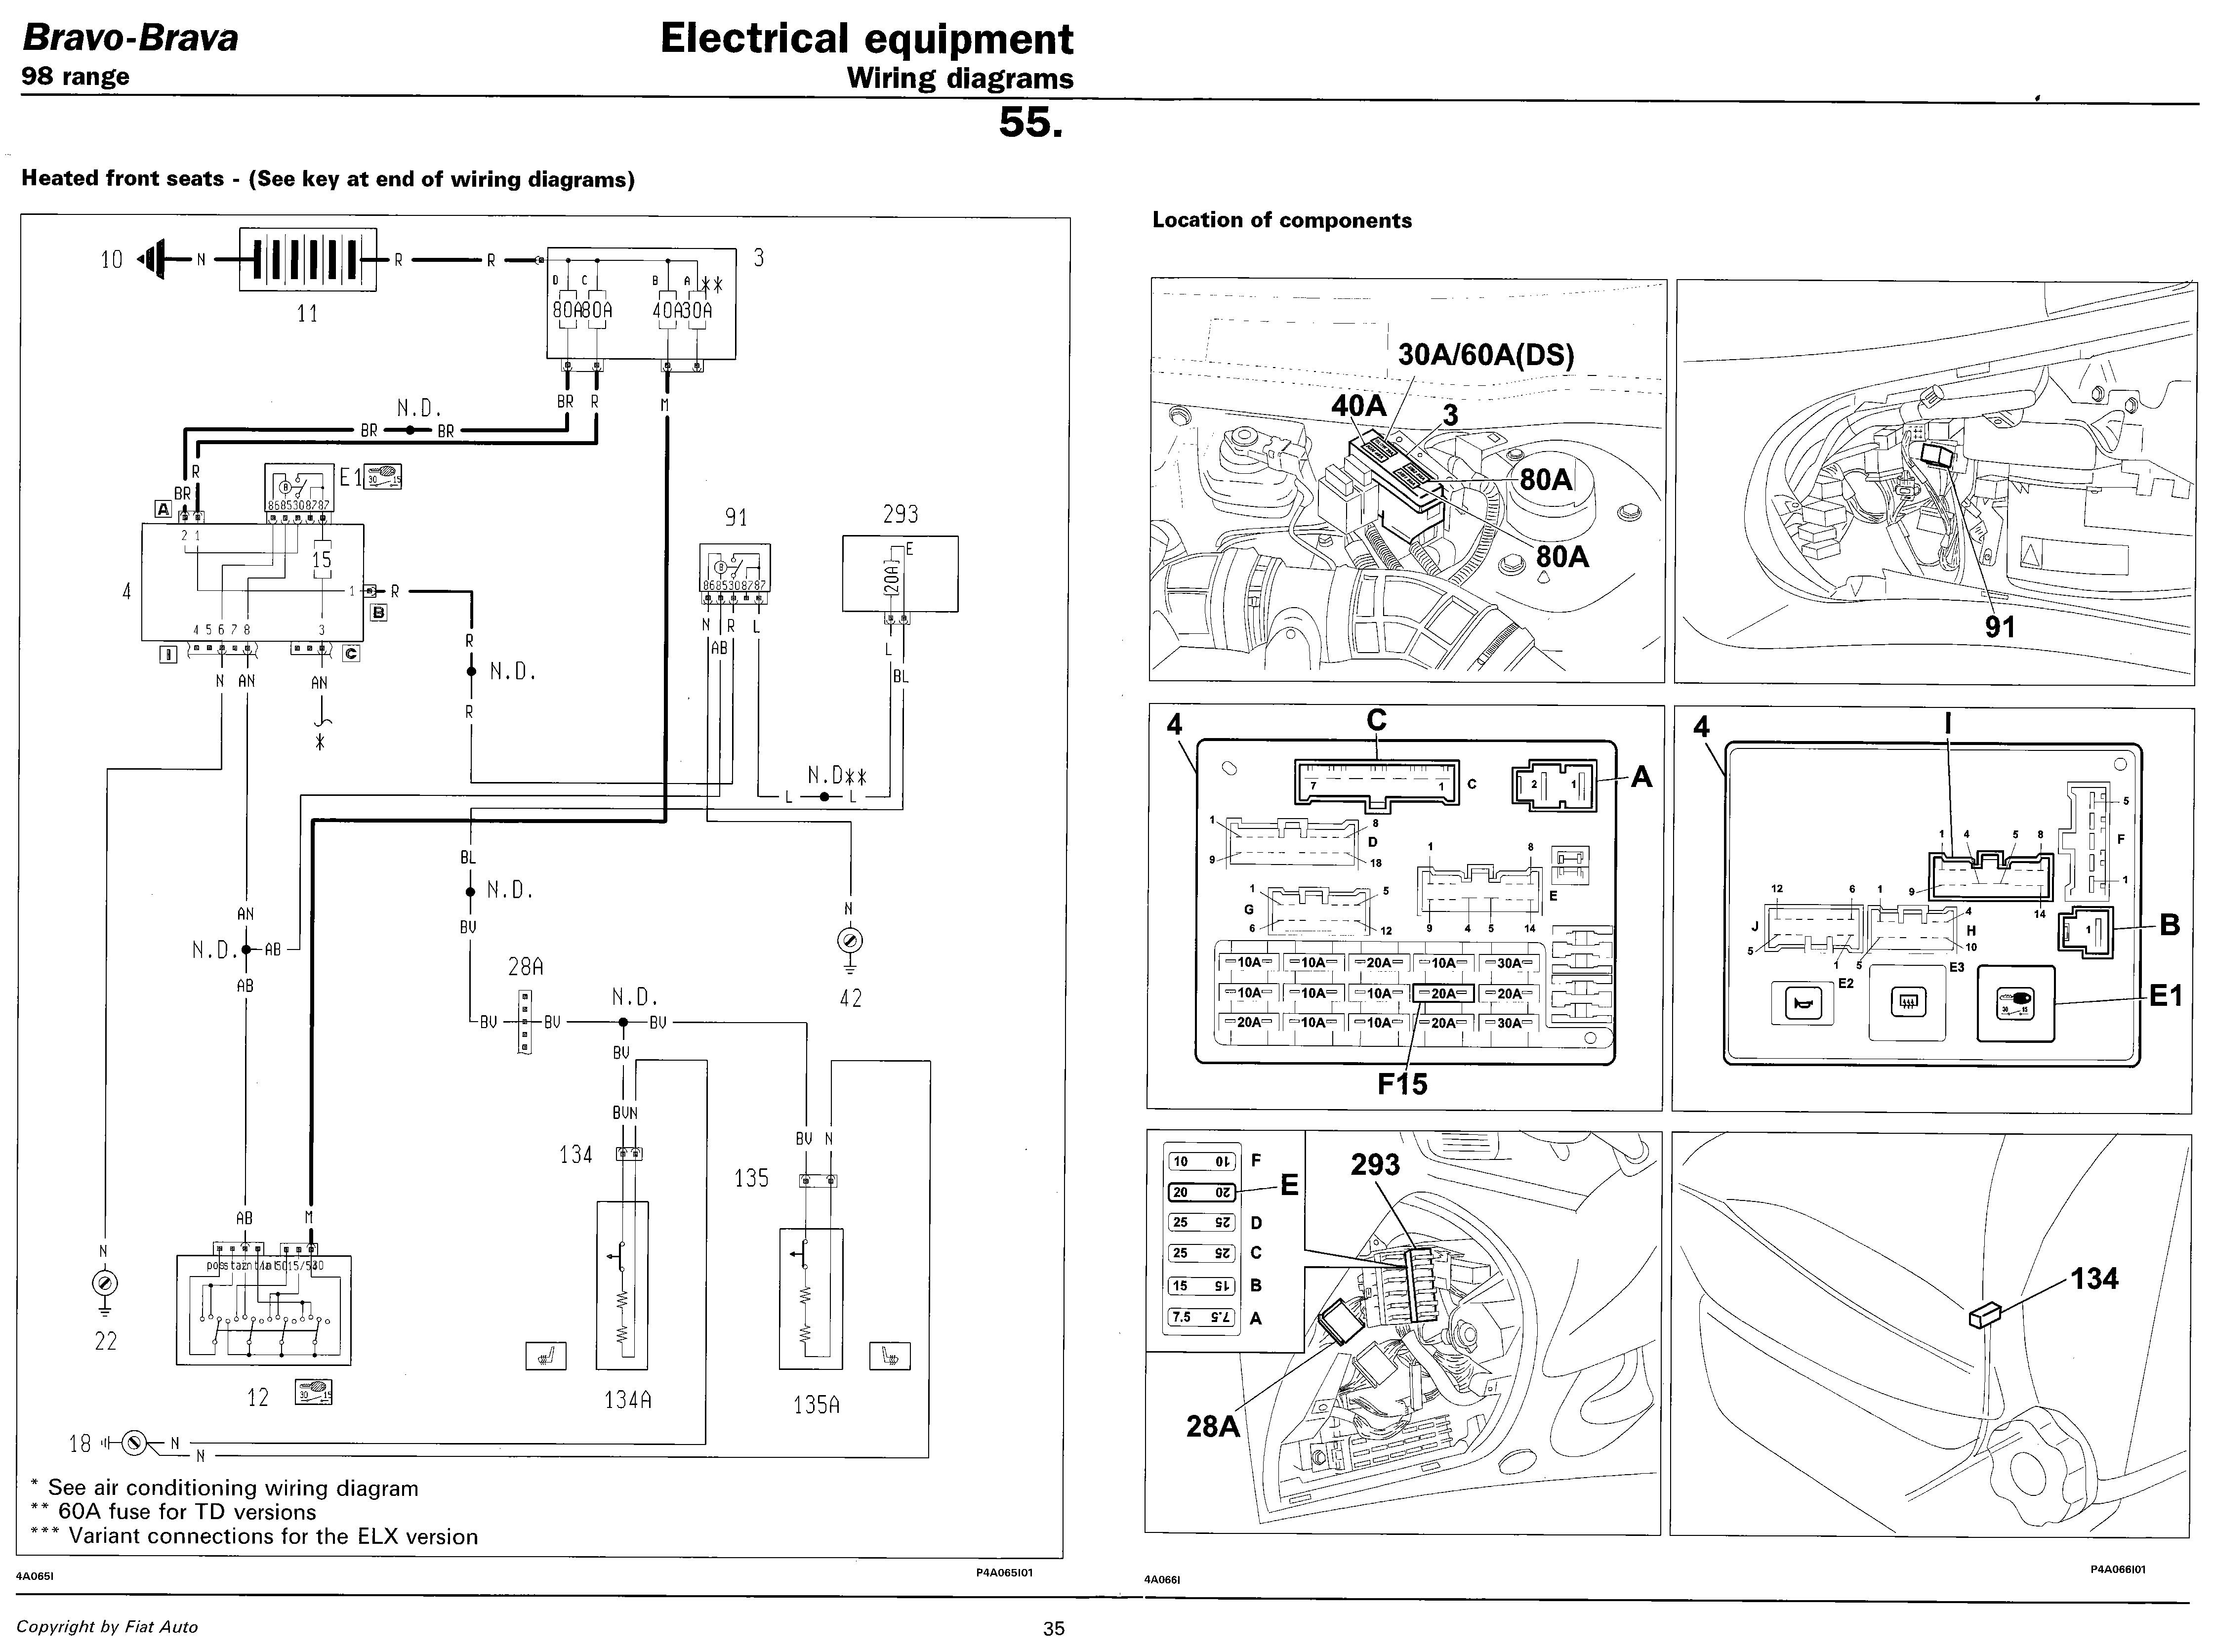 fiat ducato 2 8 jtd fuse box location ma 7769  technical fiat punto hgt wiring diagram the fiat forum  technical fiat punto hgt wiring diagram